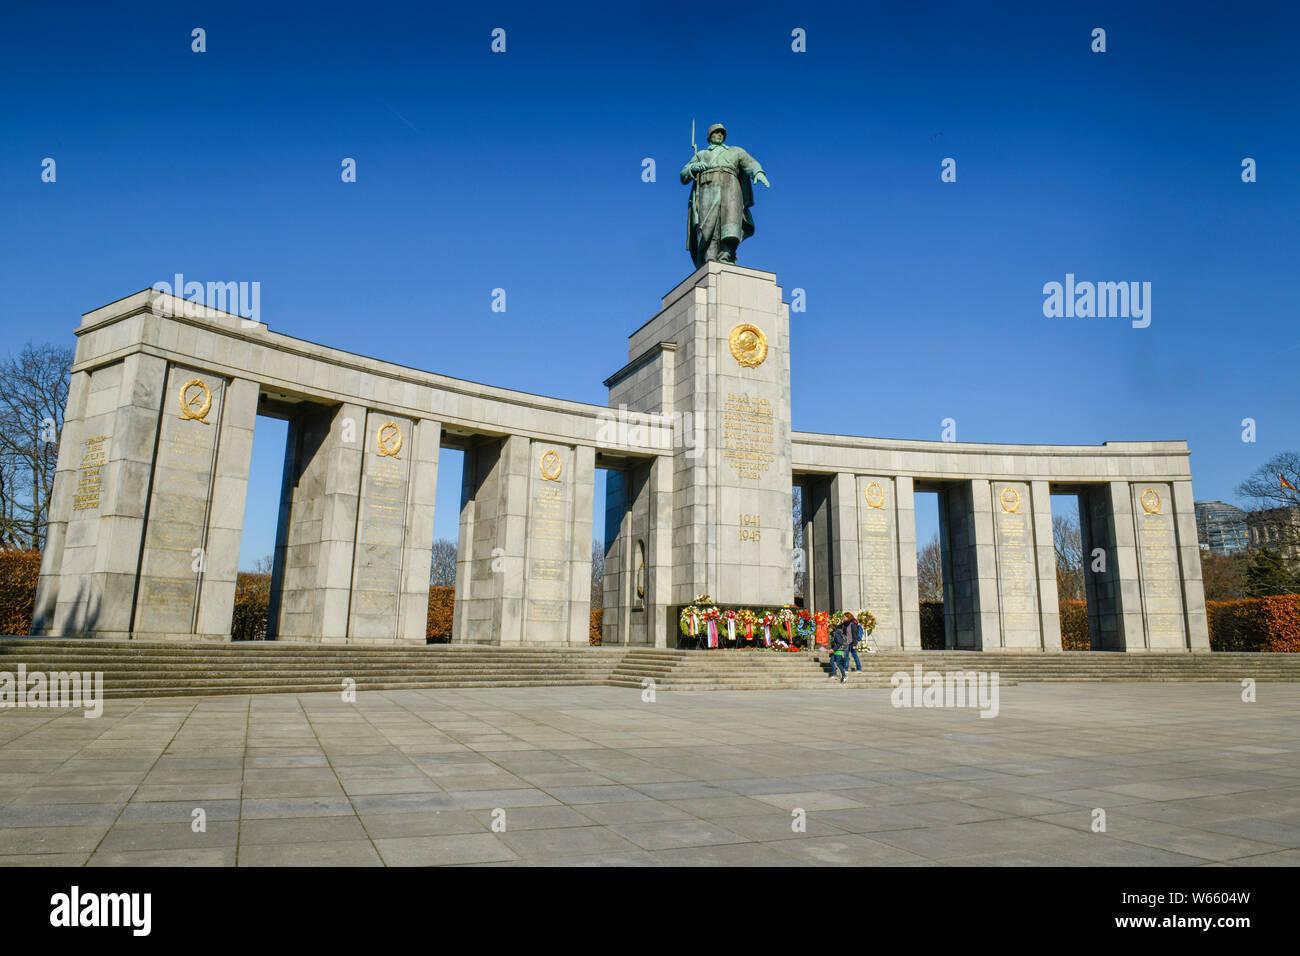 Sowjetisches Ehrenmal, Strasse des 17. Juni, Tiergarten di Berlino, Deutschland Foto Stock